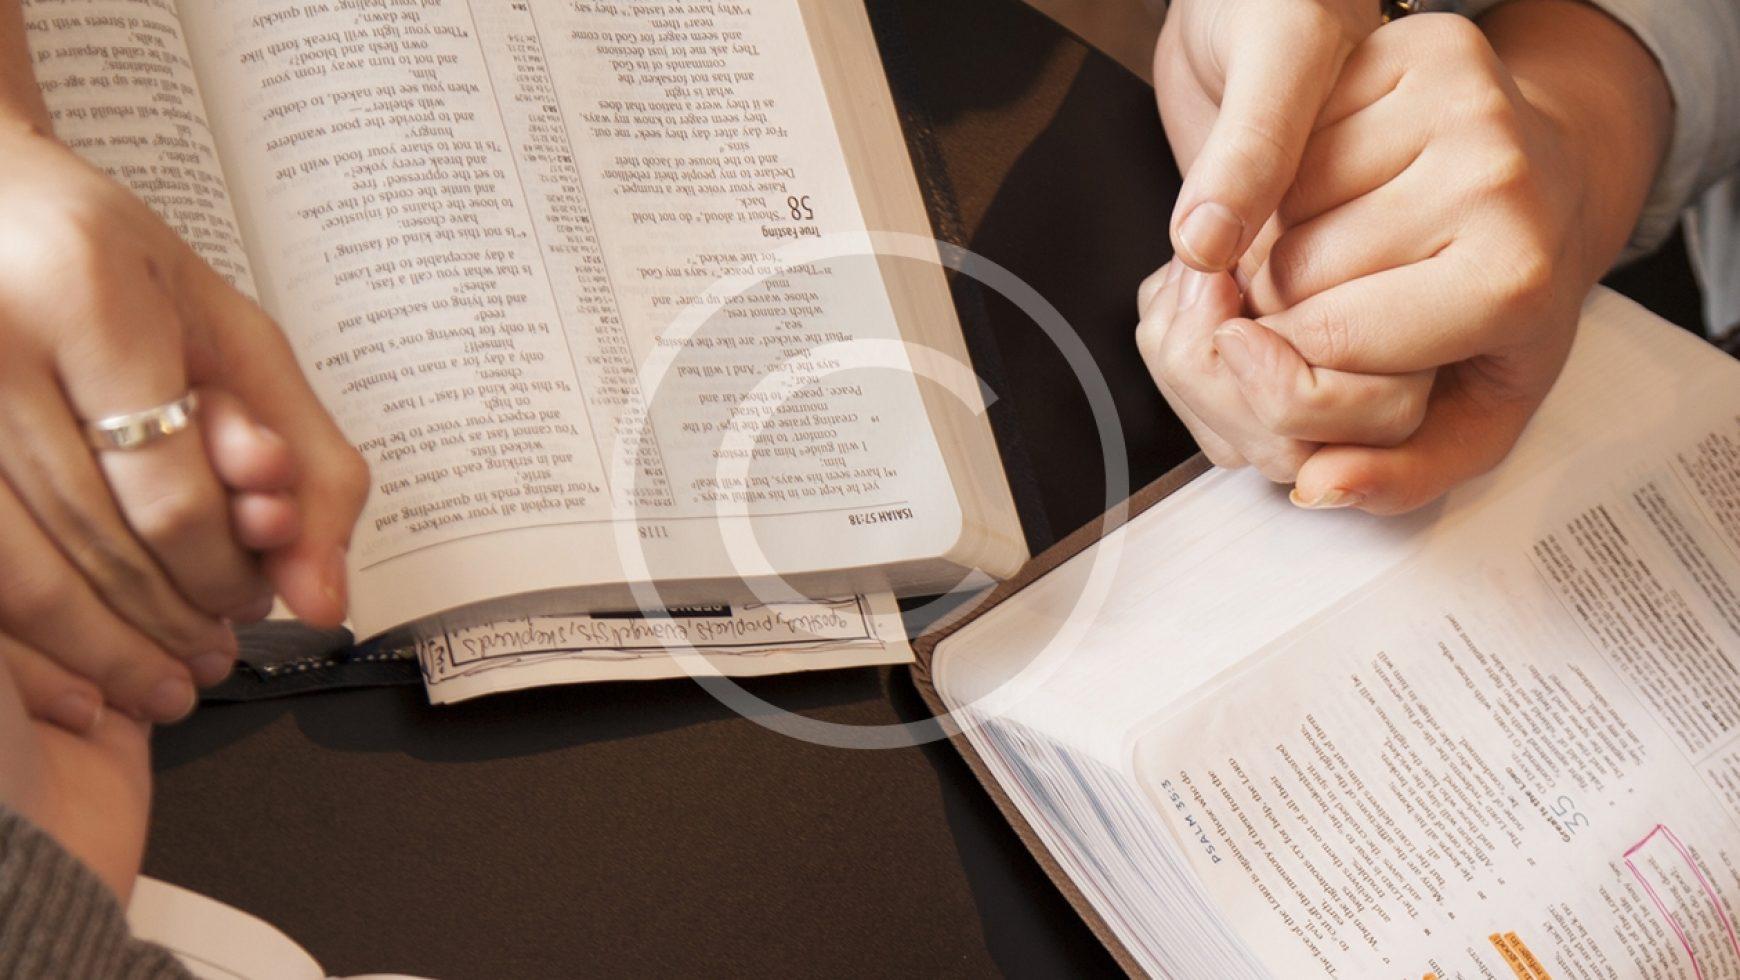 Pagodināt caur žēlastību